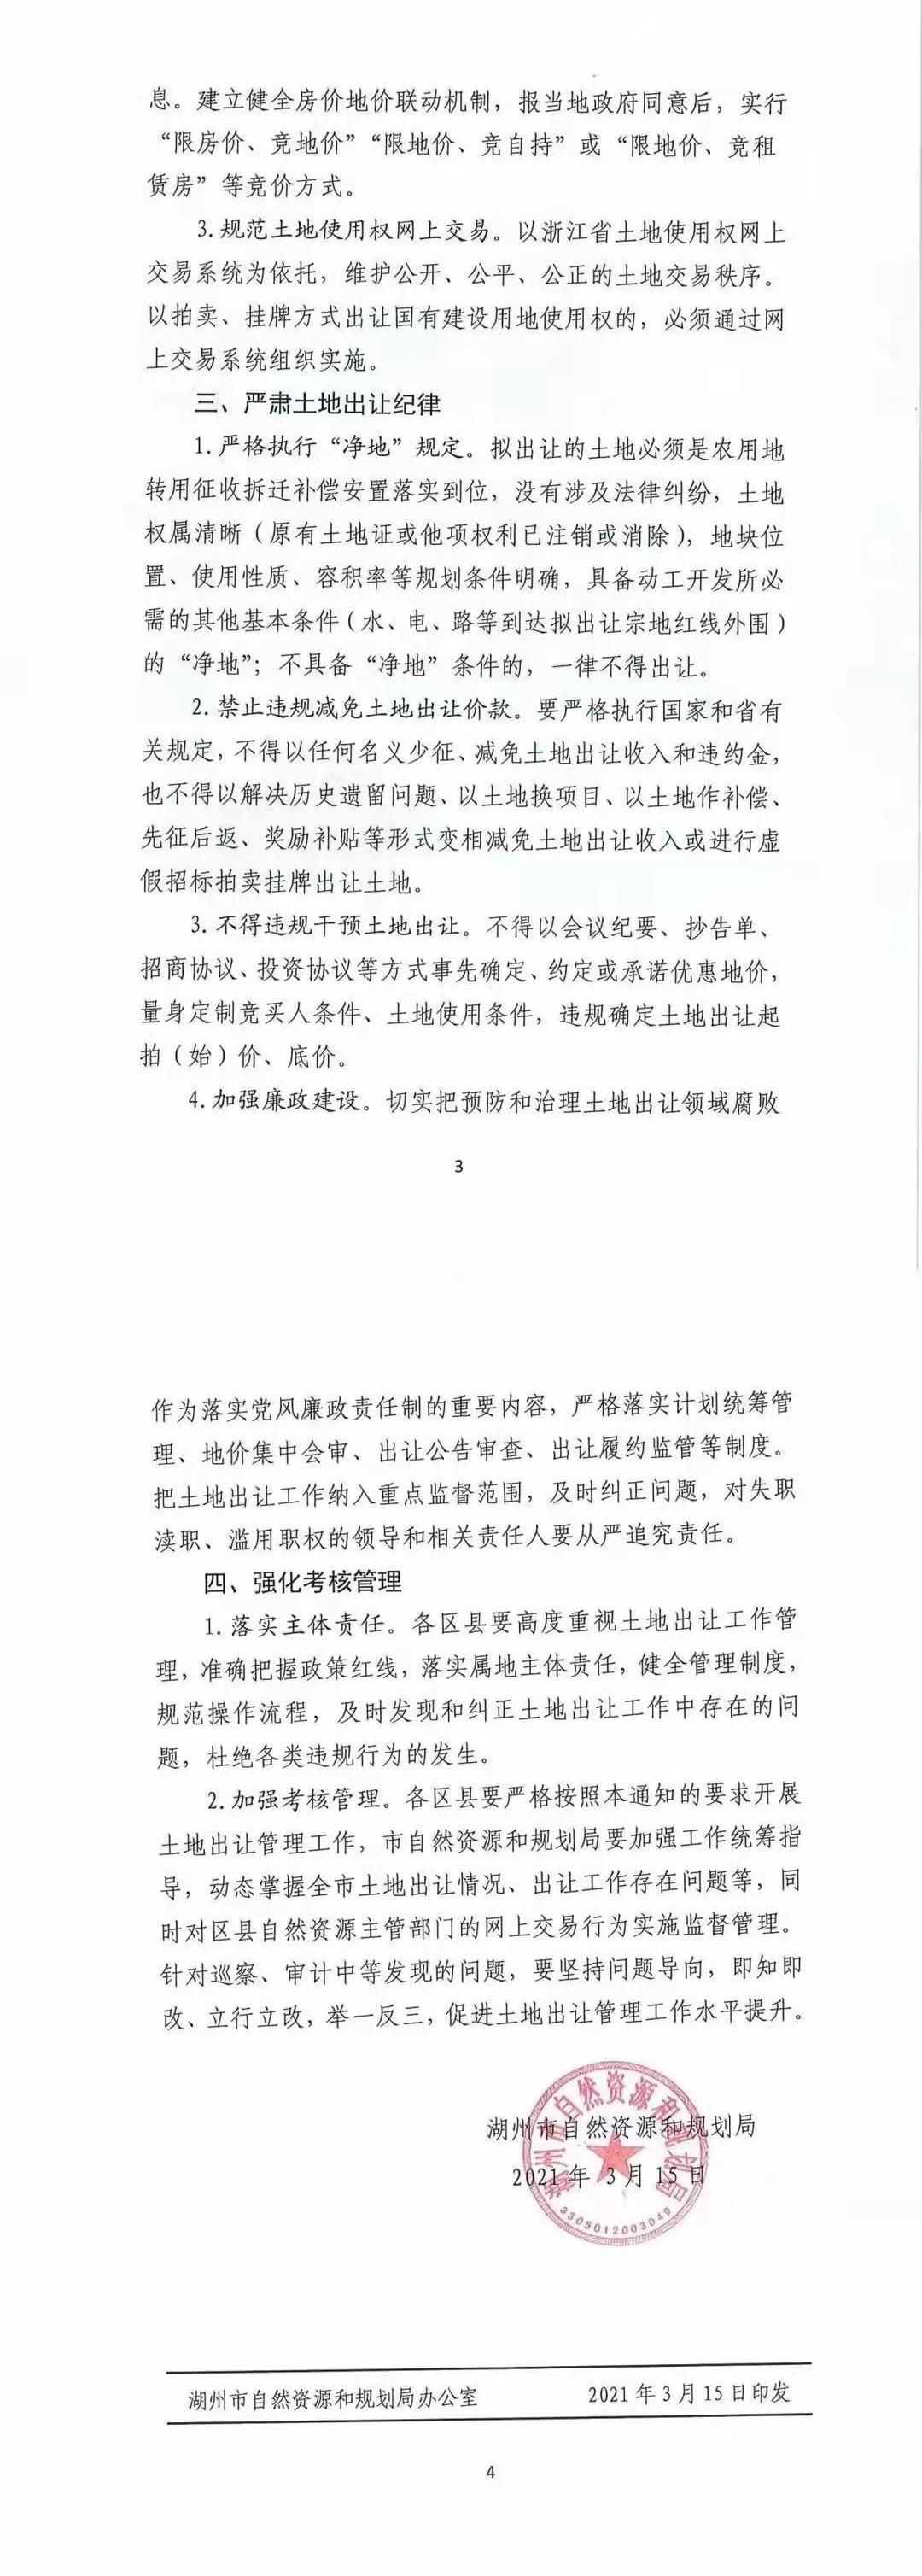 浙江湖州出台土地出让管理新政策:建立健全房价地价联动机制